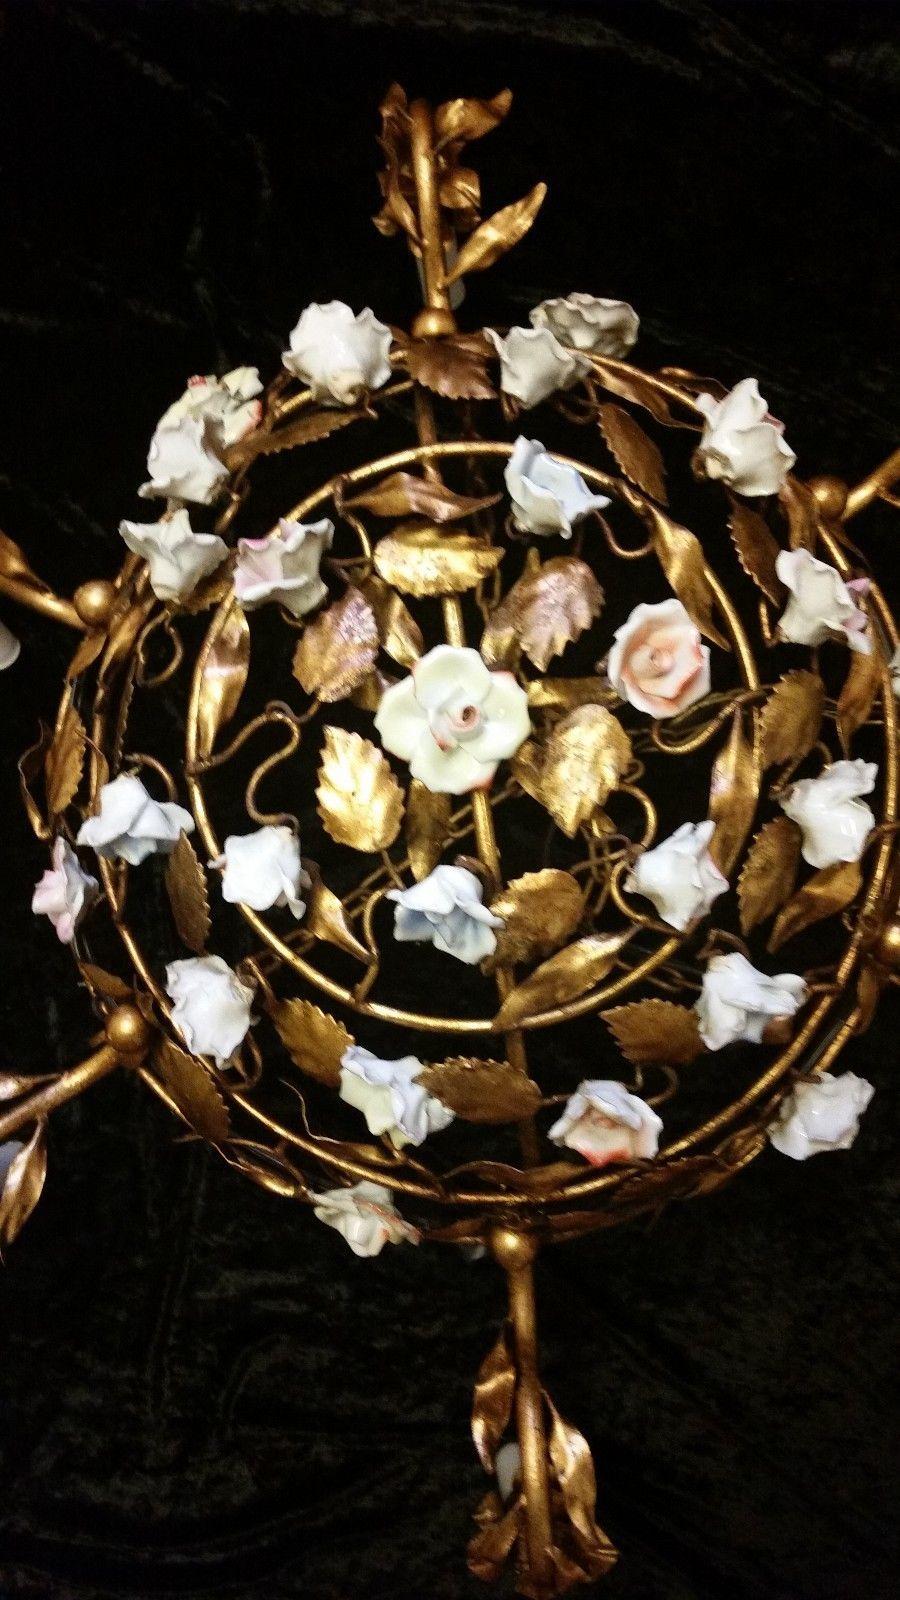 Gorgeous antique gilt metal tole porcelain roses vintage basket gorgeous antique gilt metal tole porcelain roses vintage basket chandelier old for sale 39900 arubaitofo Image collections